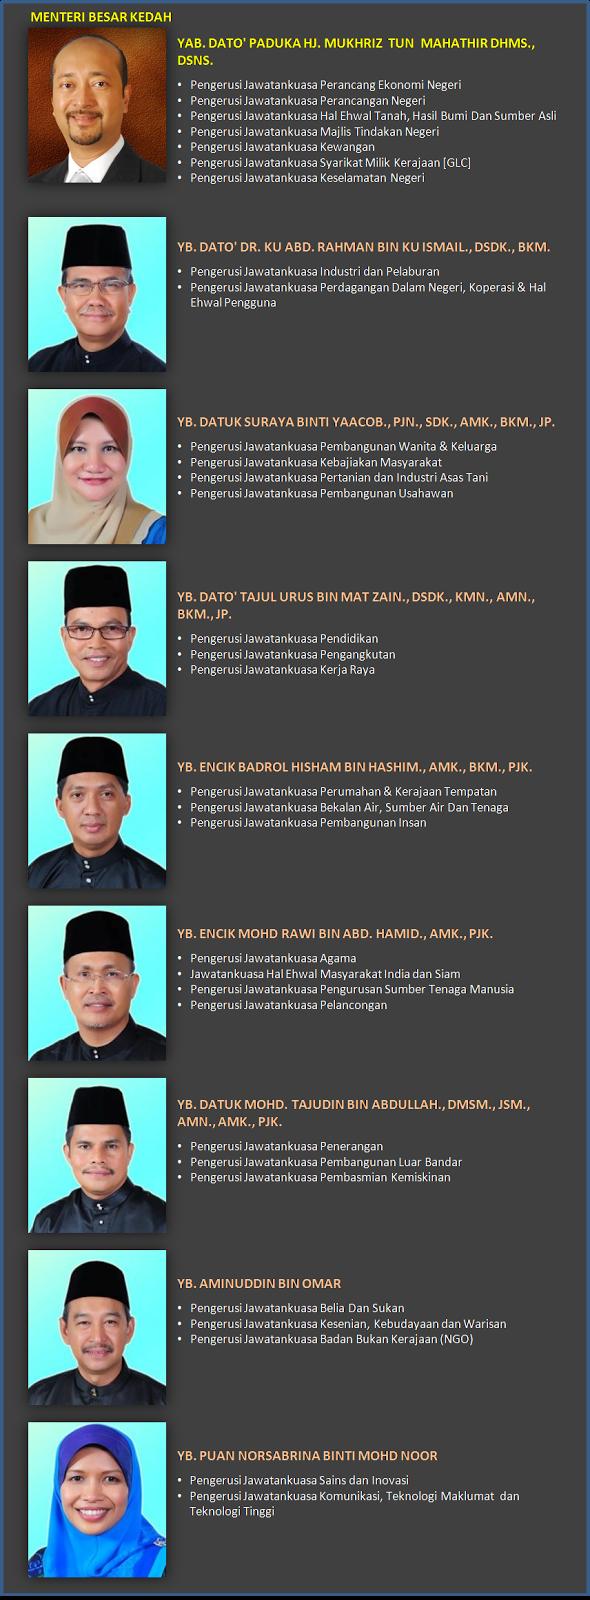 Ahli Mesyuarat Kerajaan Negeri Kedah Darul Aman 2013